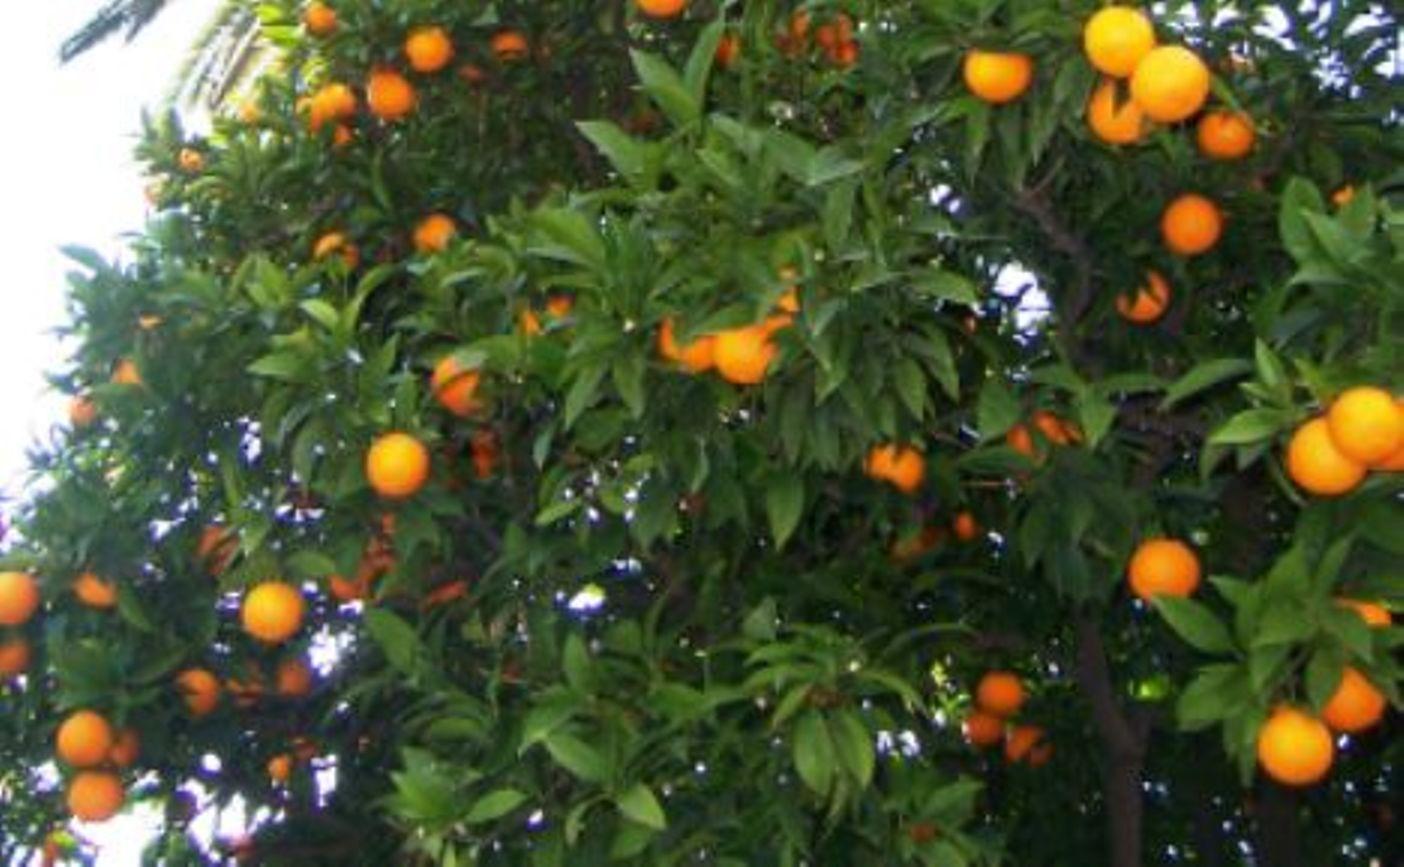 Les agrumes citrus fortunella poncirus les agrumes - Agrumes en pot ...